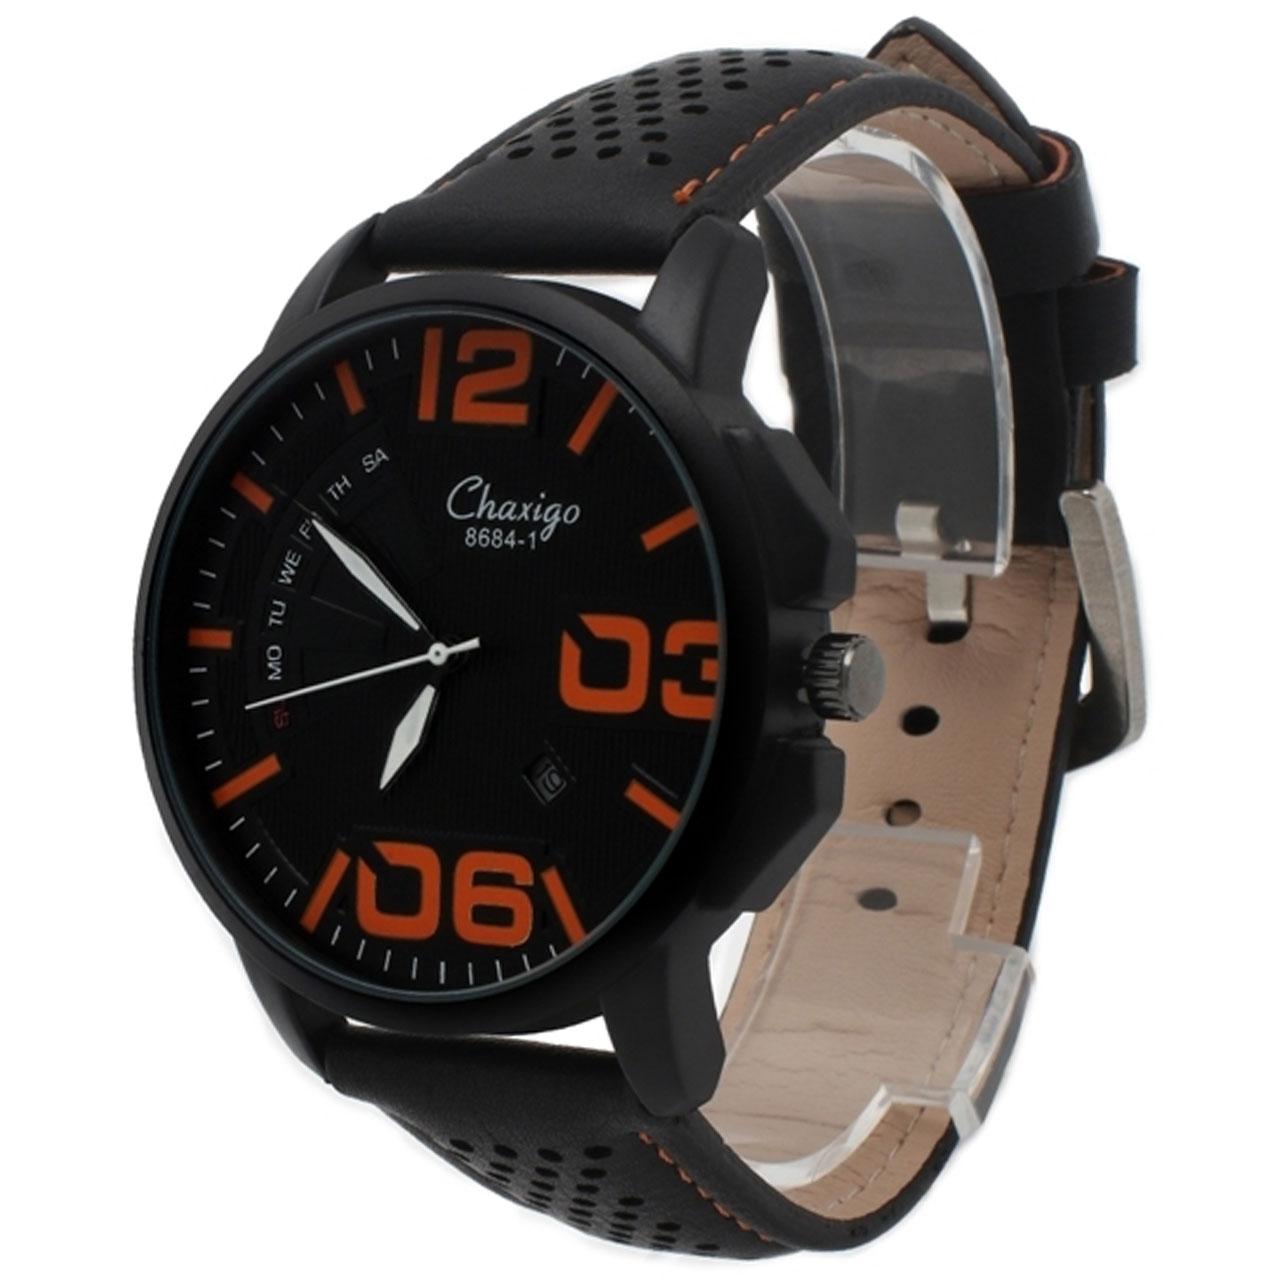 ساعت مچی عقربه ای مردانه چاکسیگو مدل 4-8684